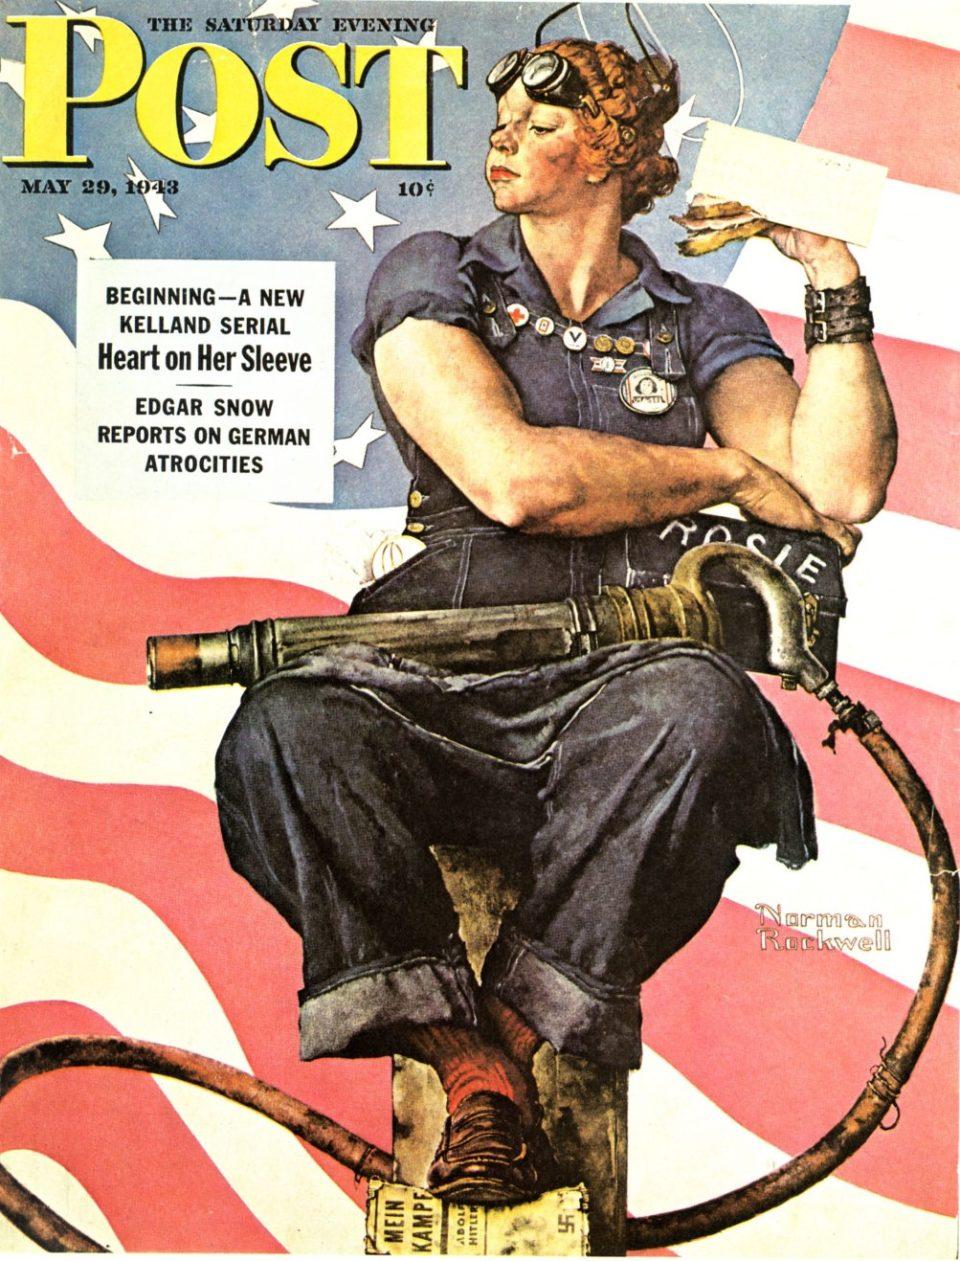 Imagen de Rosie la remachadora pintada por Norman Rockwell